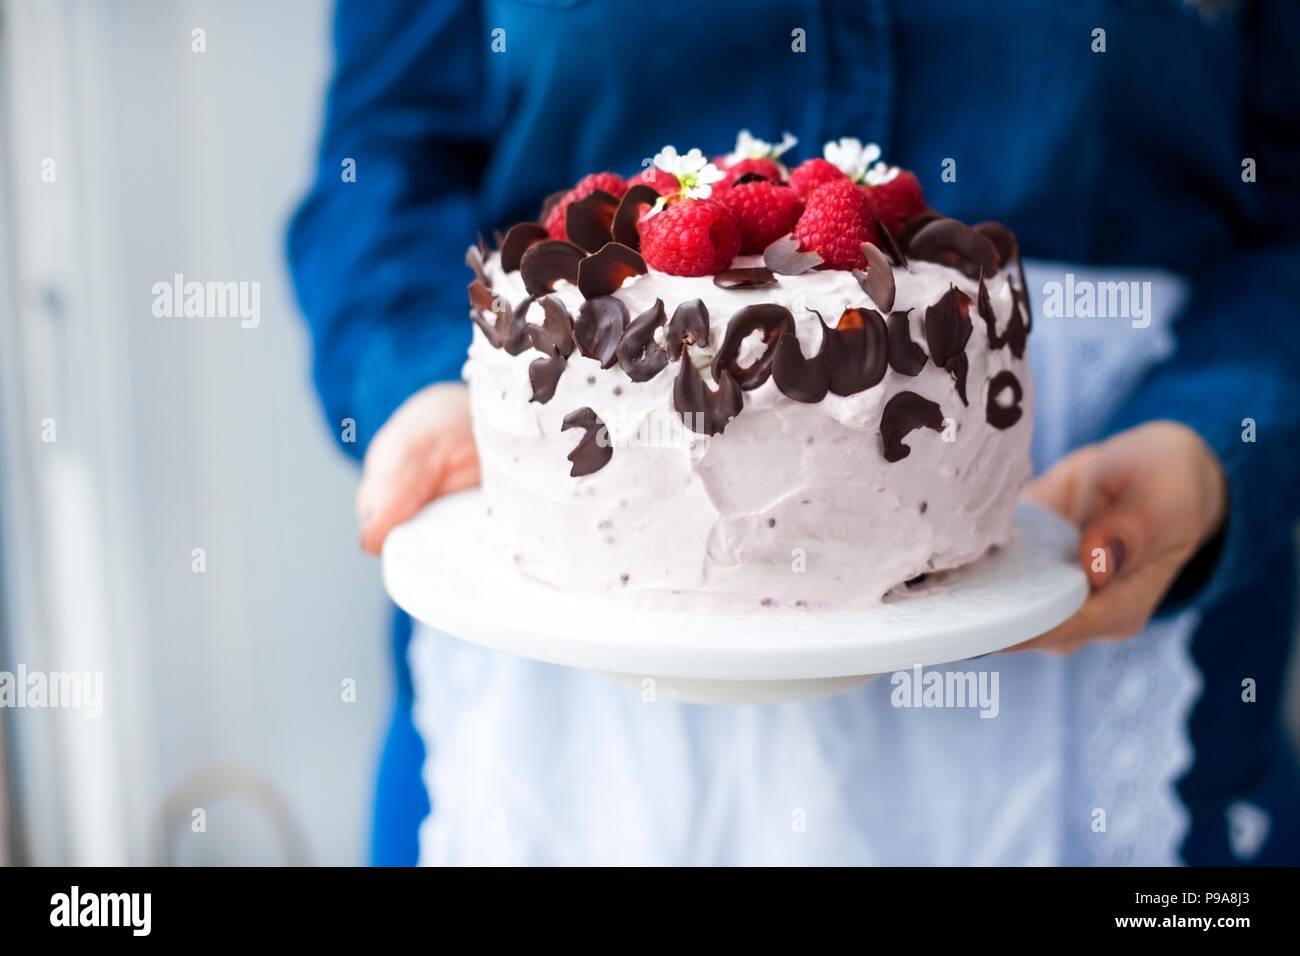 Una donna è in possesso di una bella torta con crema rosa e lampone freschi frutti di bosco, decorate con il cioccolato. Calorie cibo. Spazio libero per il testo o una cartolina Immagini Stock